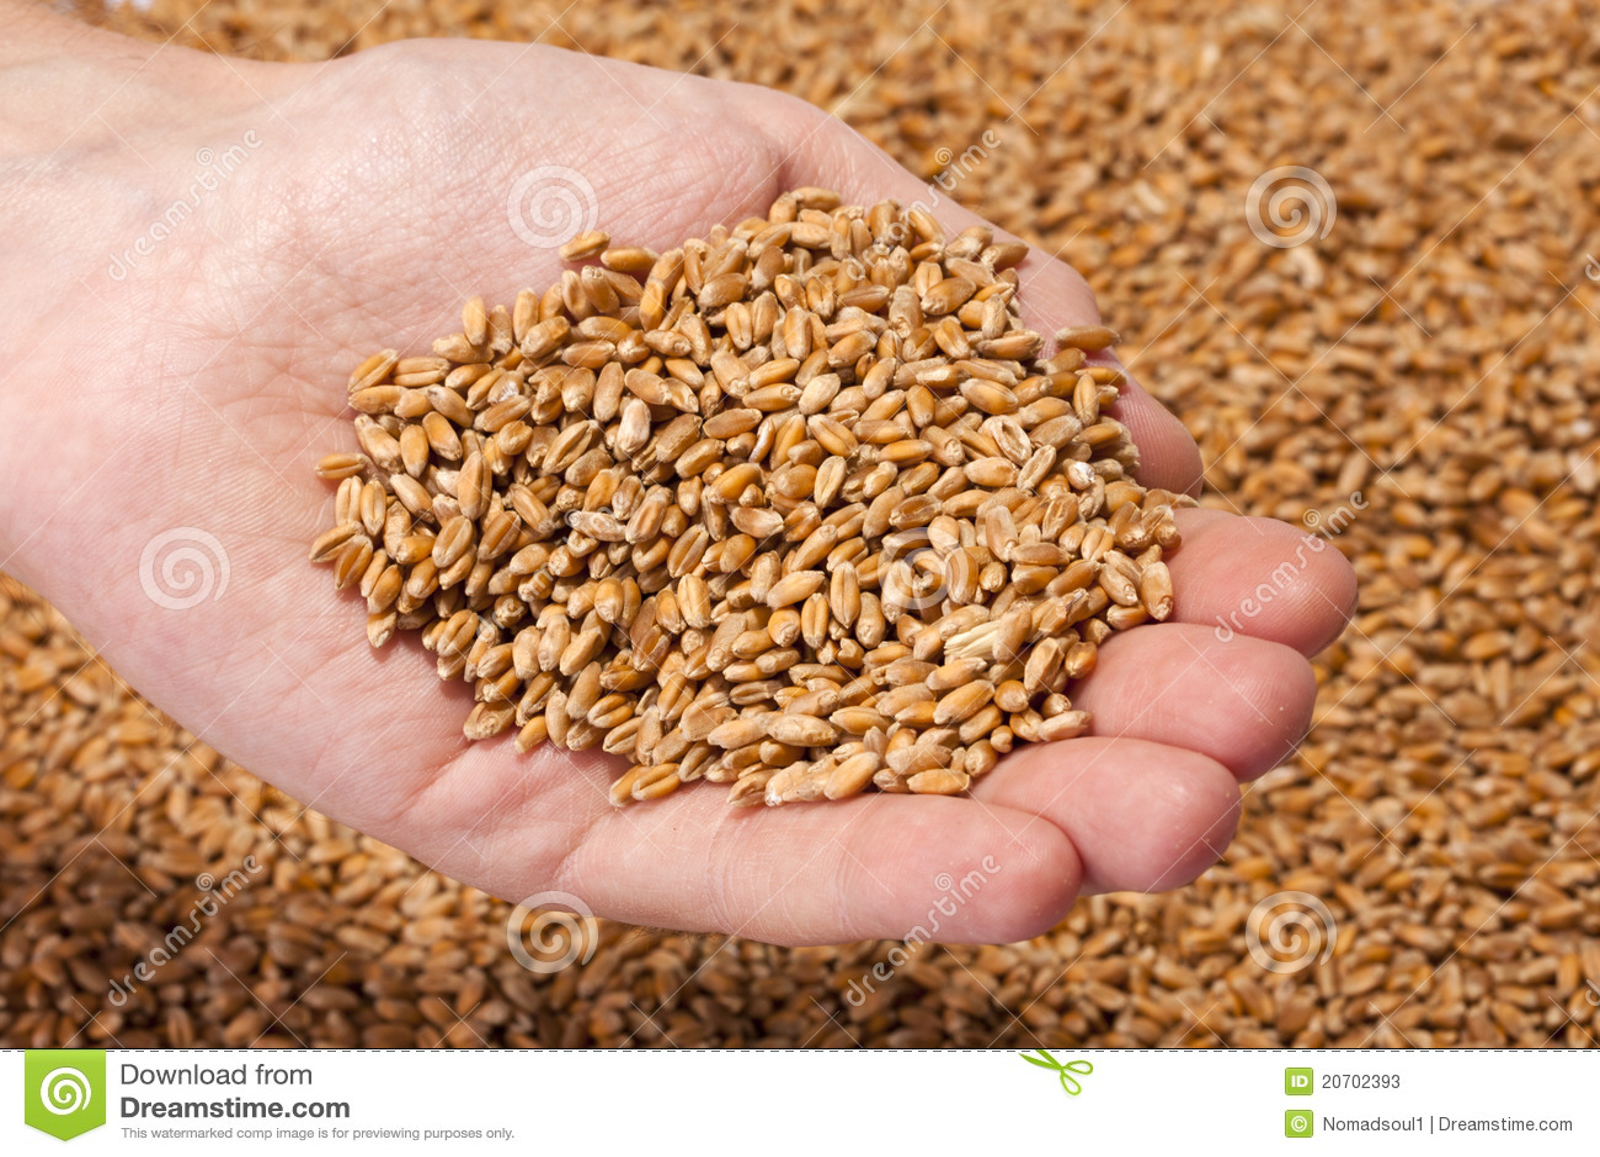 The Seeds Mr Farmer